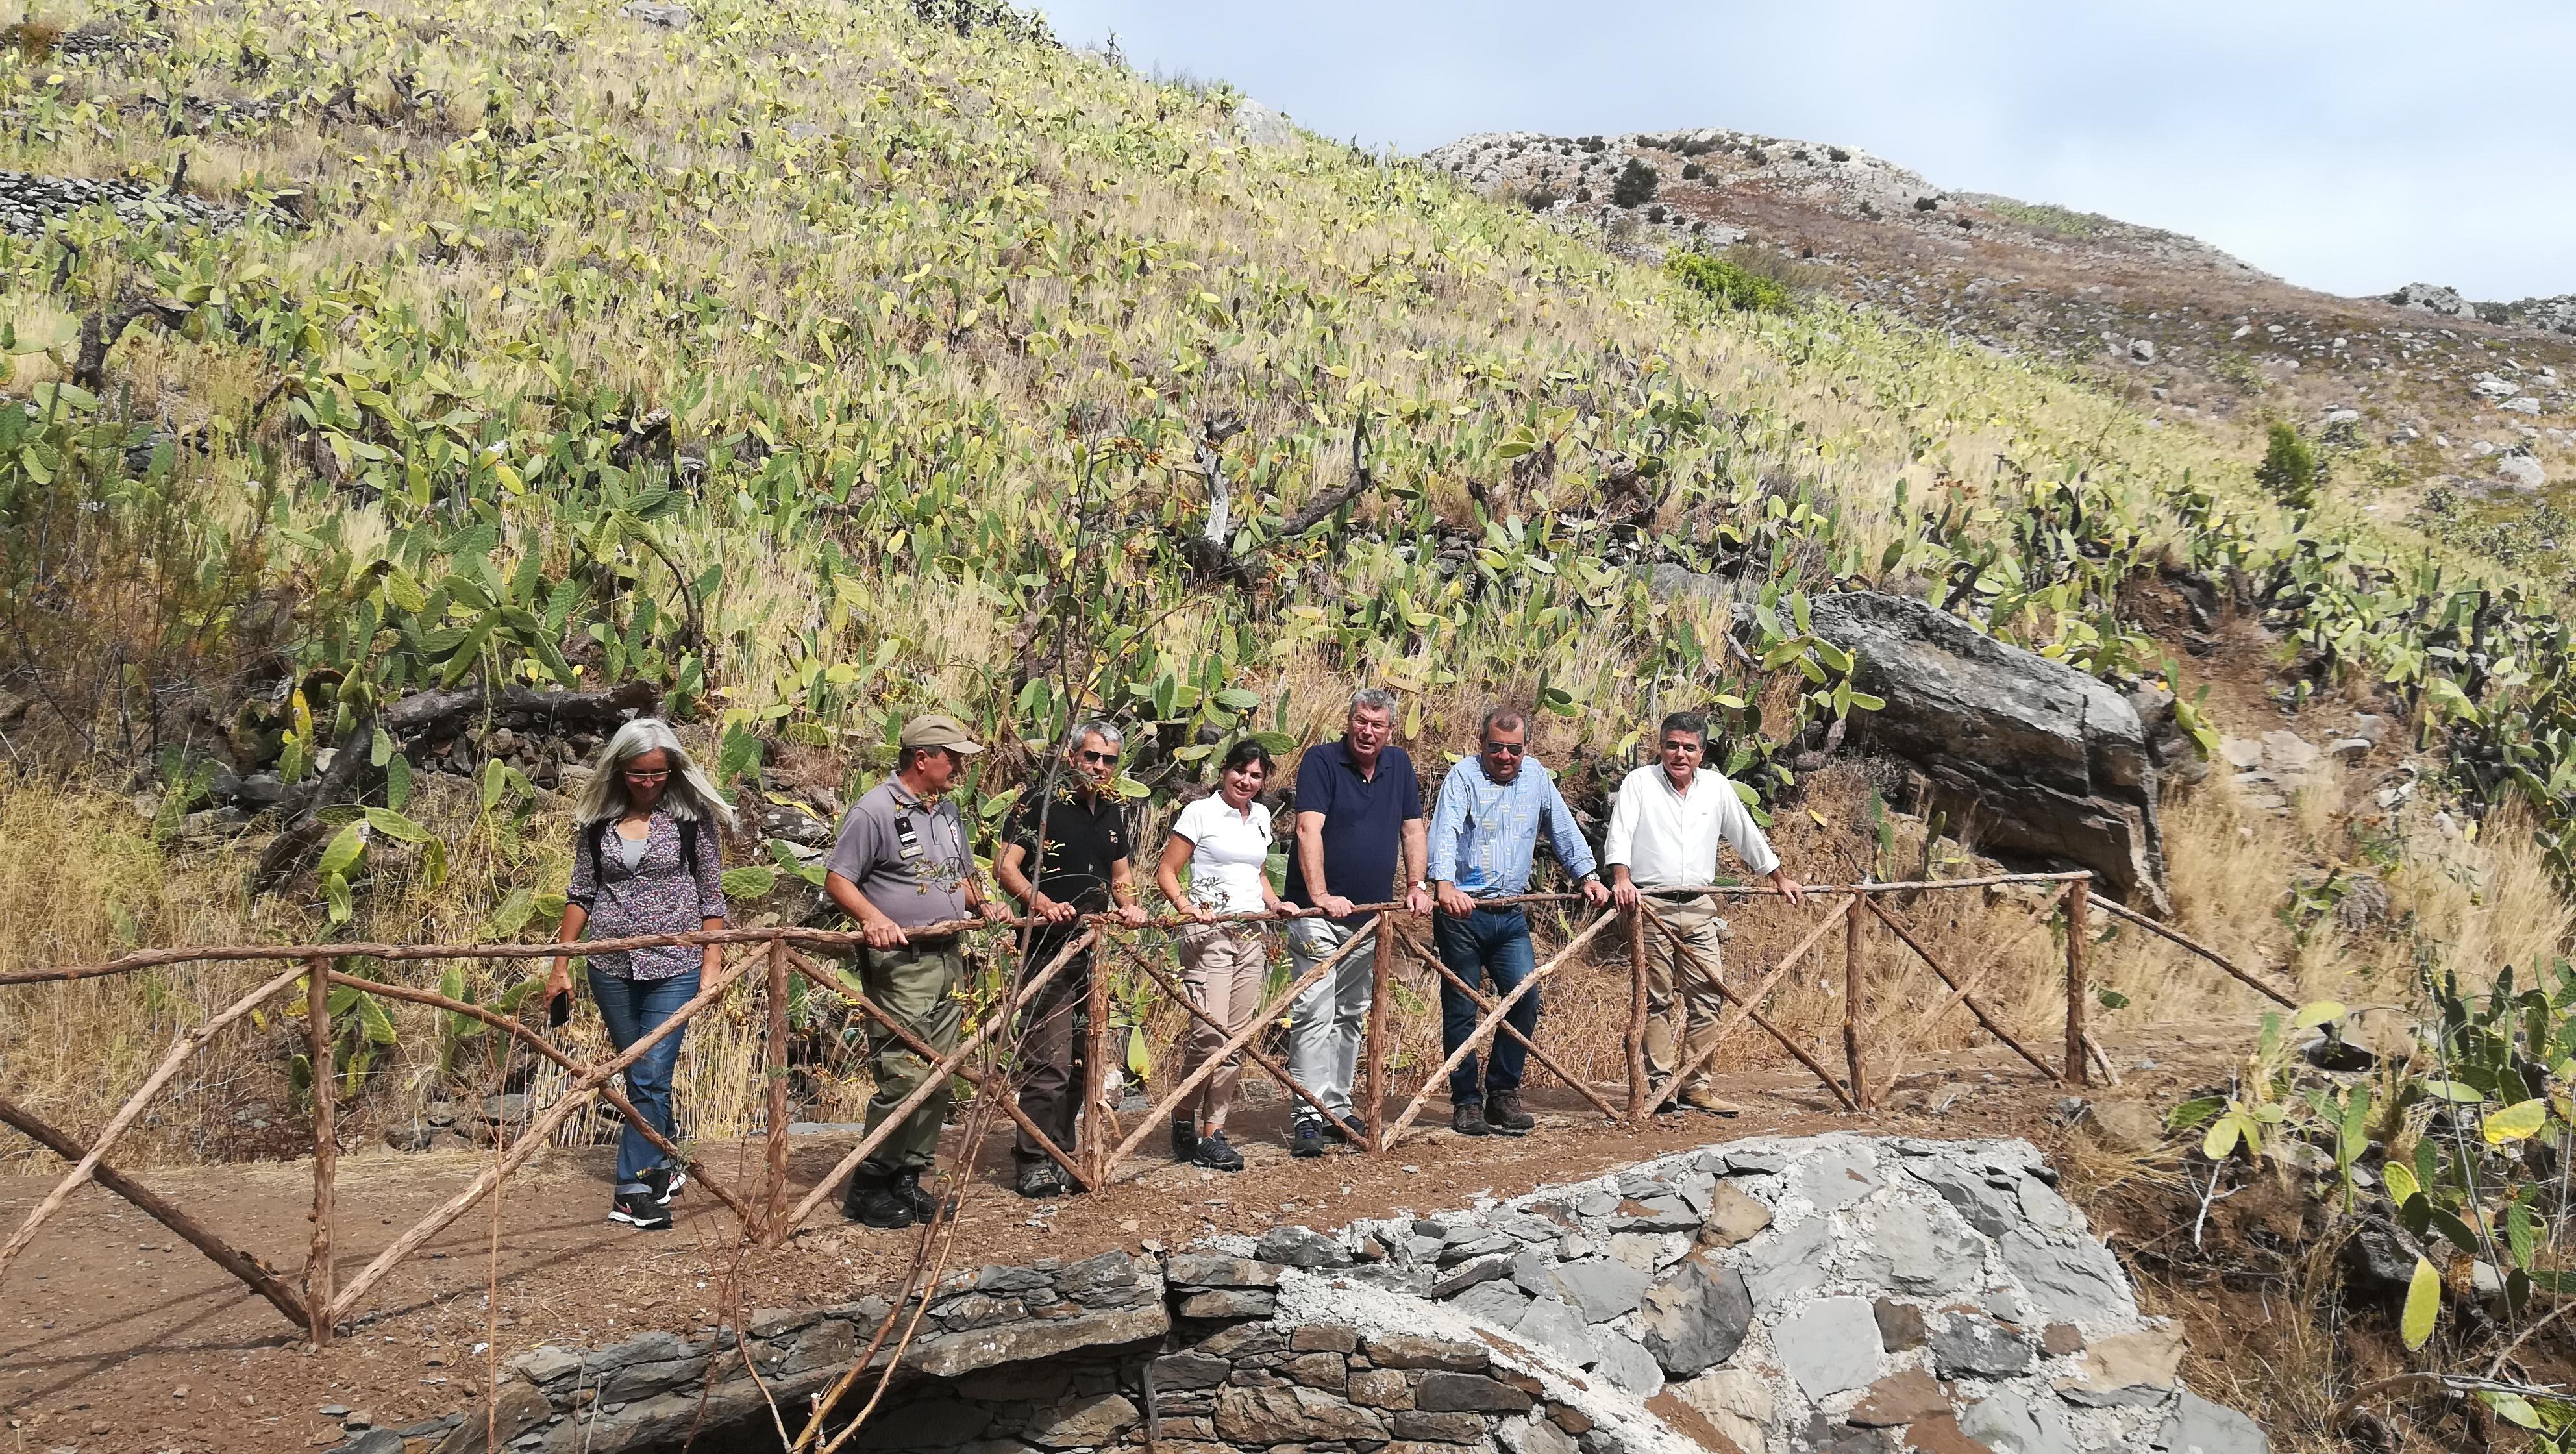 Abertura do Percurso Pedestre Recomendado da Levada do Pico Castelo, no Porto Santo